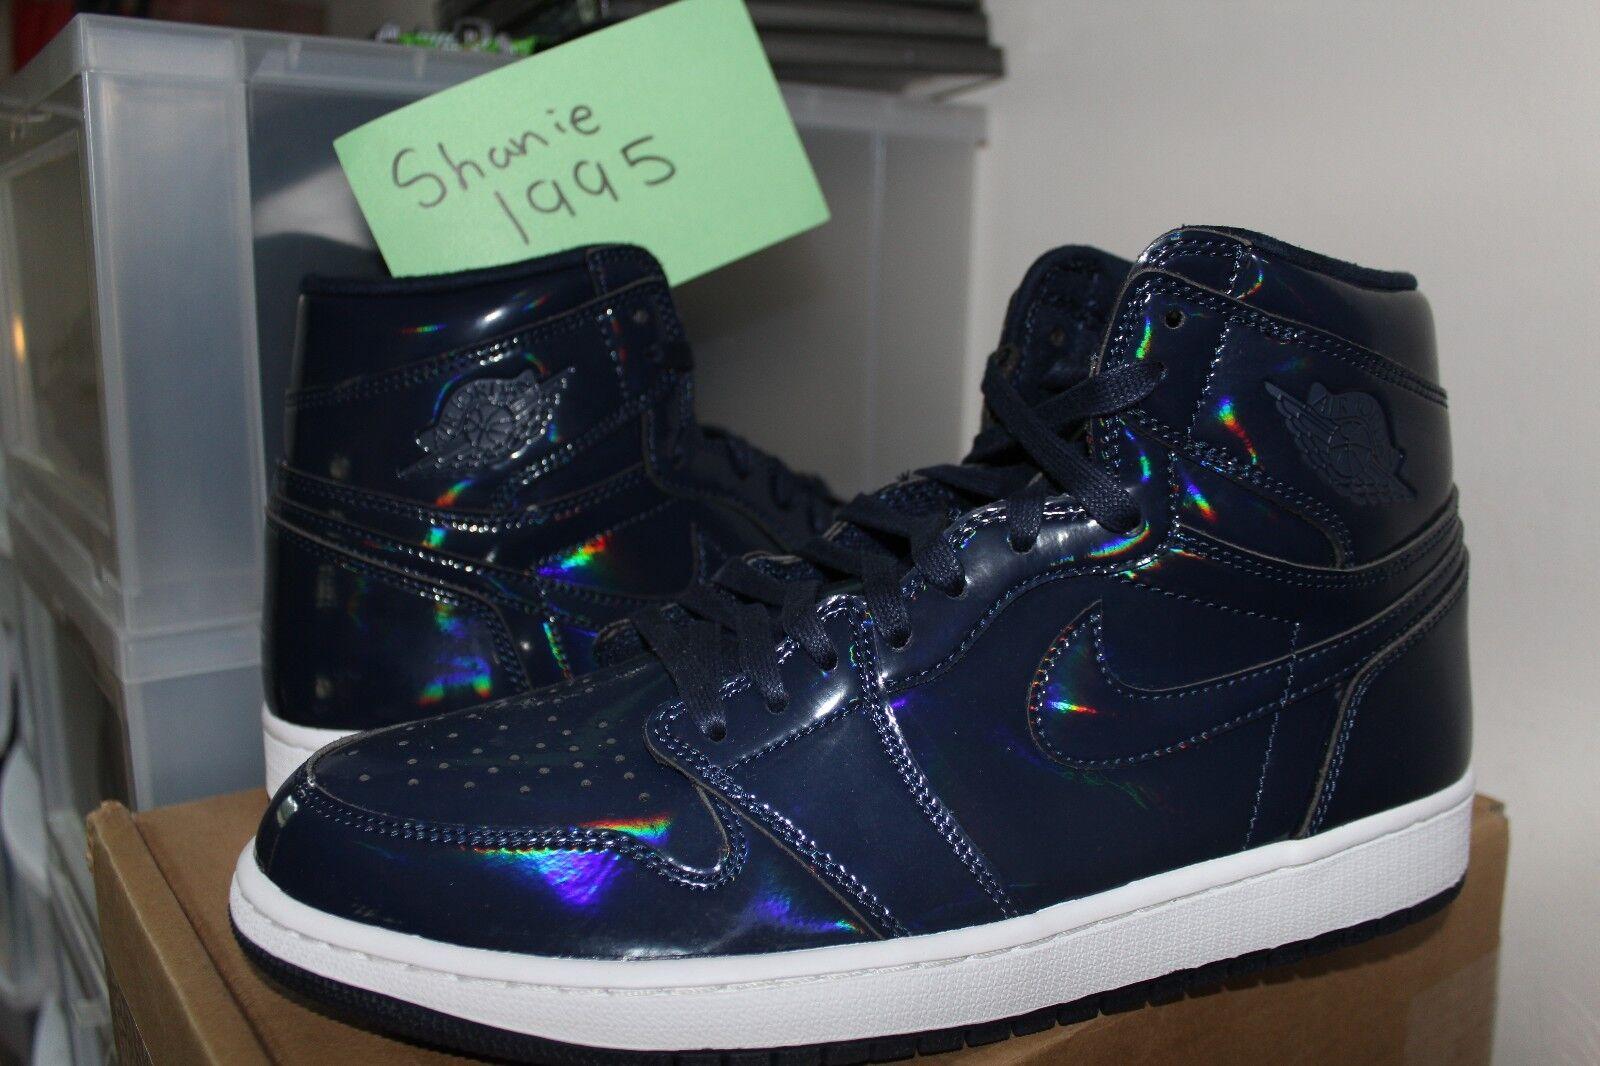 Nike Air Jordan 1 Retro High OG DSM Dover Street Market 789747-401 mens size 12